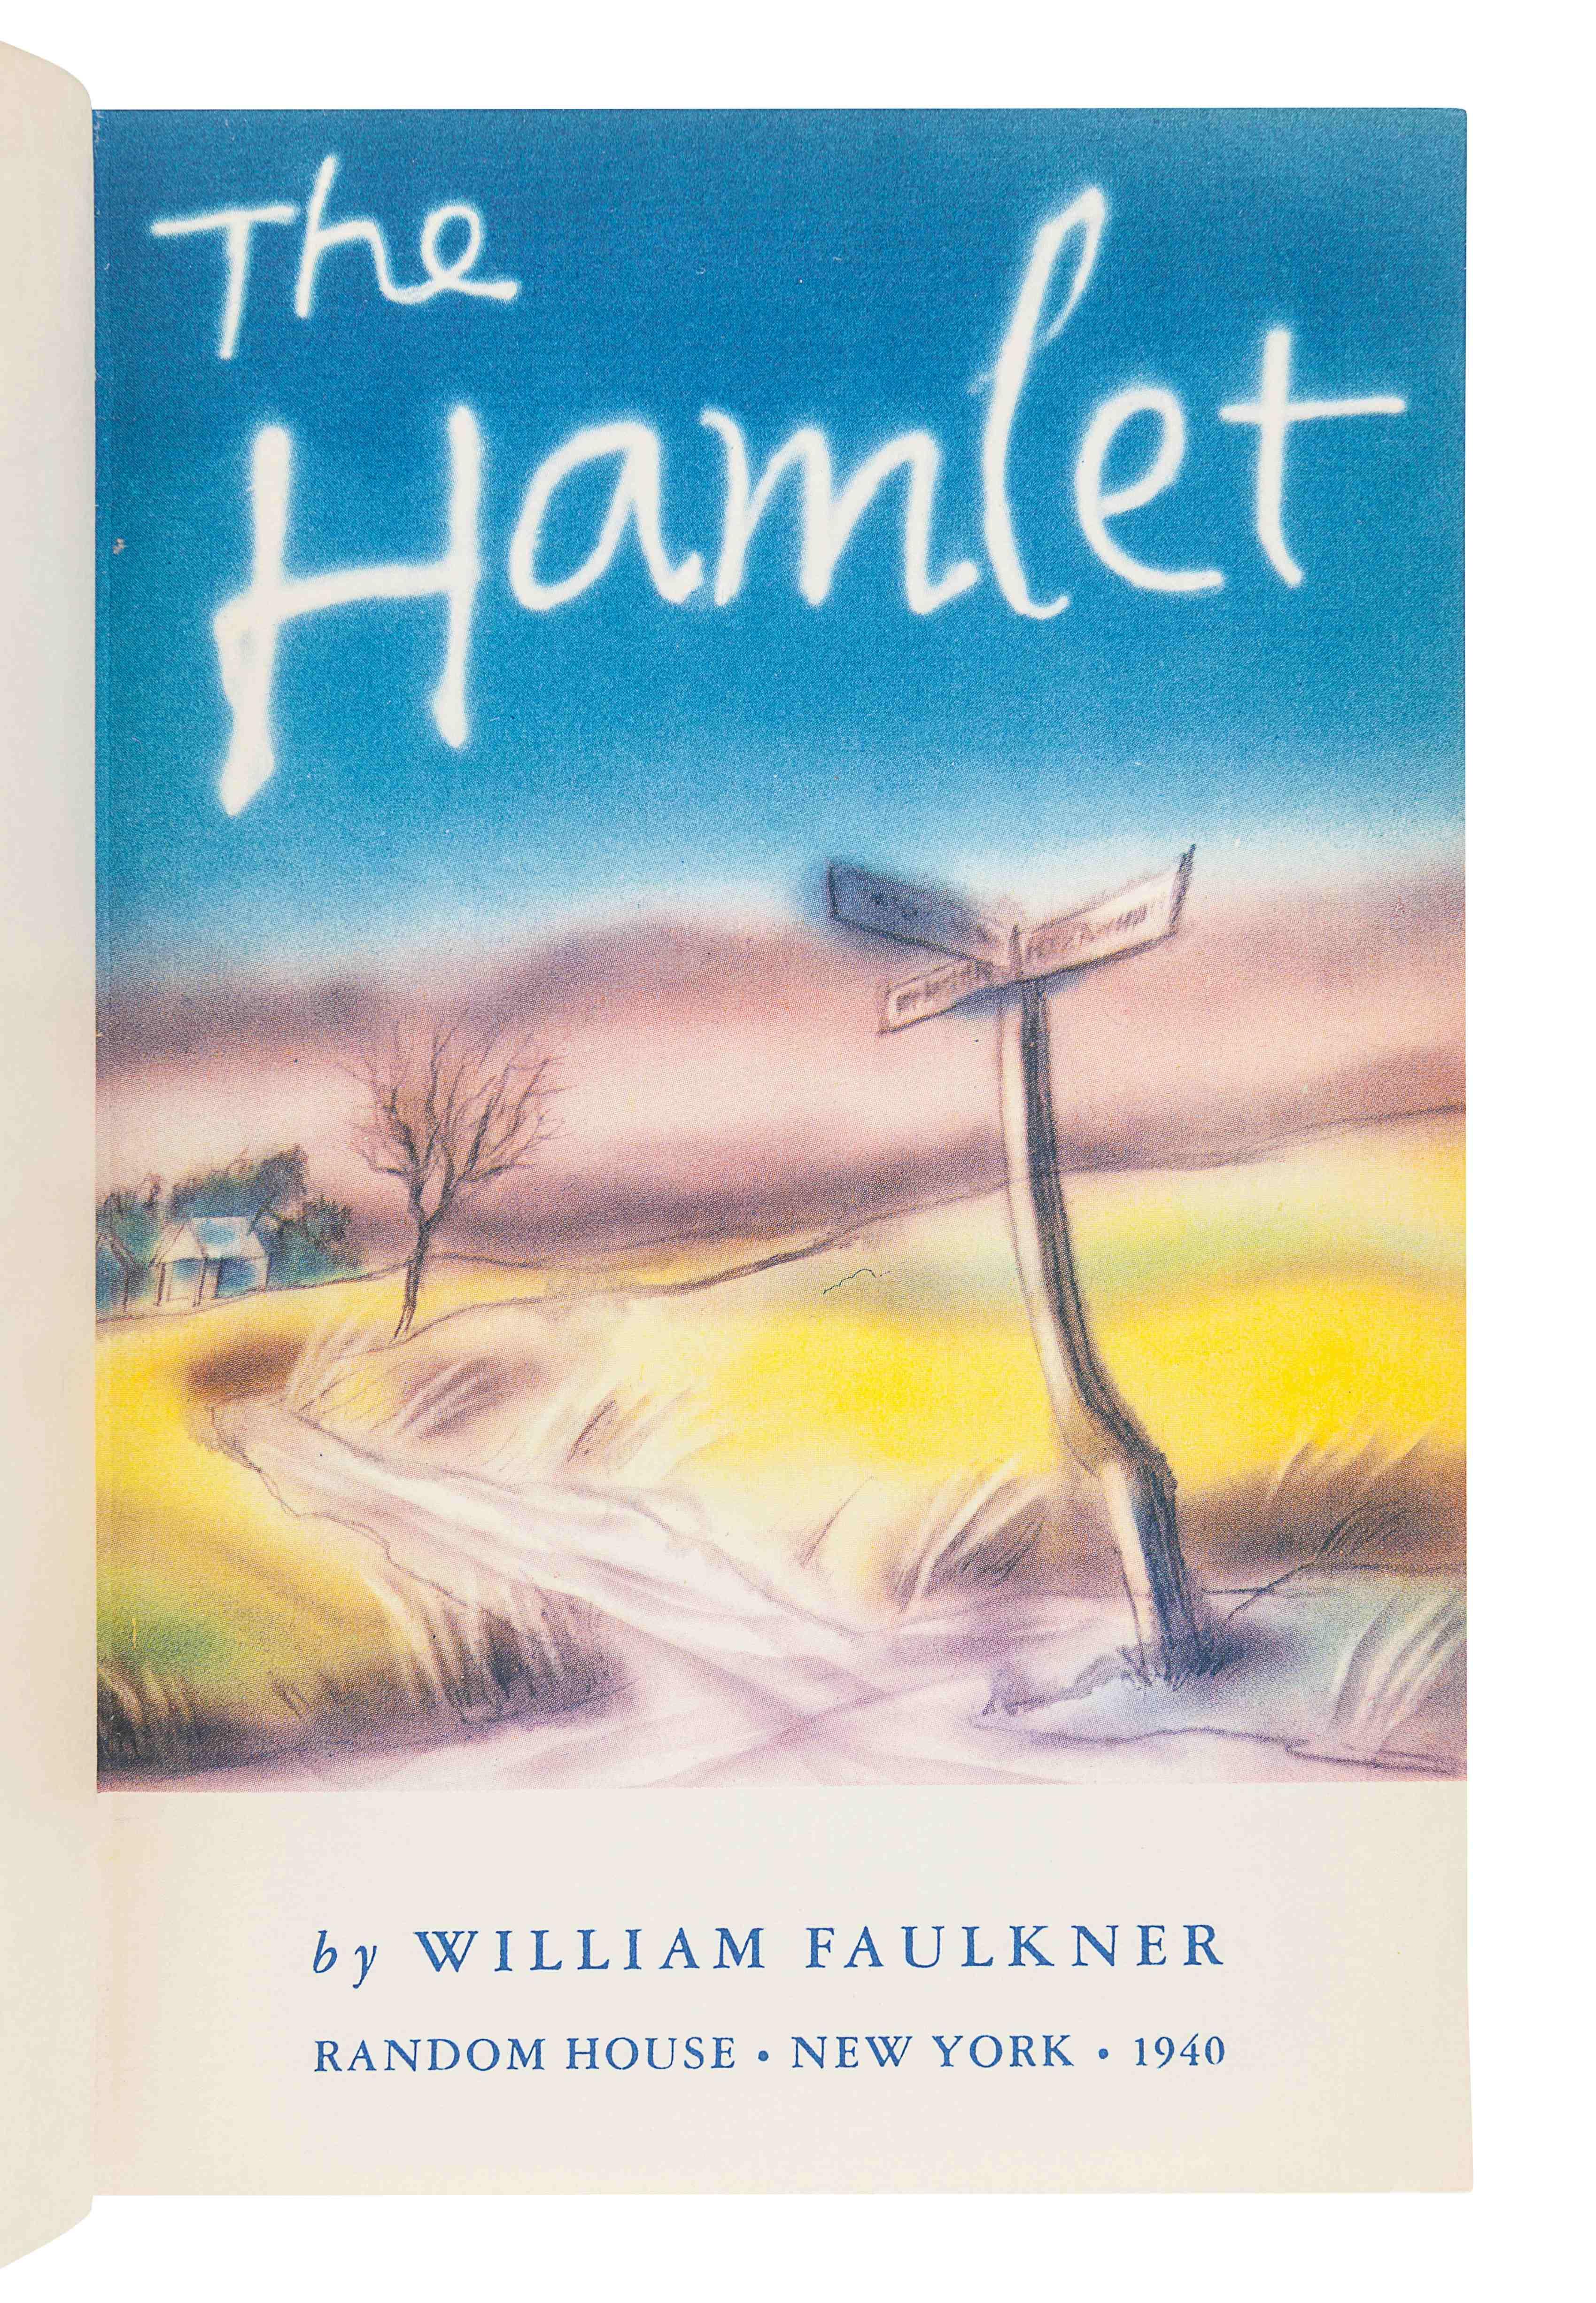 FAULKNER, William (1897-1962). The Hamlet. New York: Random House, 1940. - Image 3 of 3